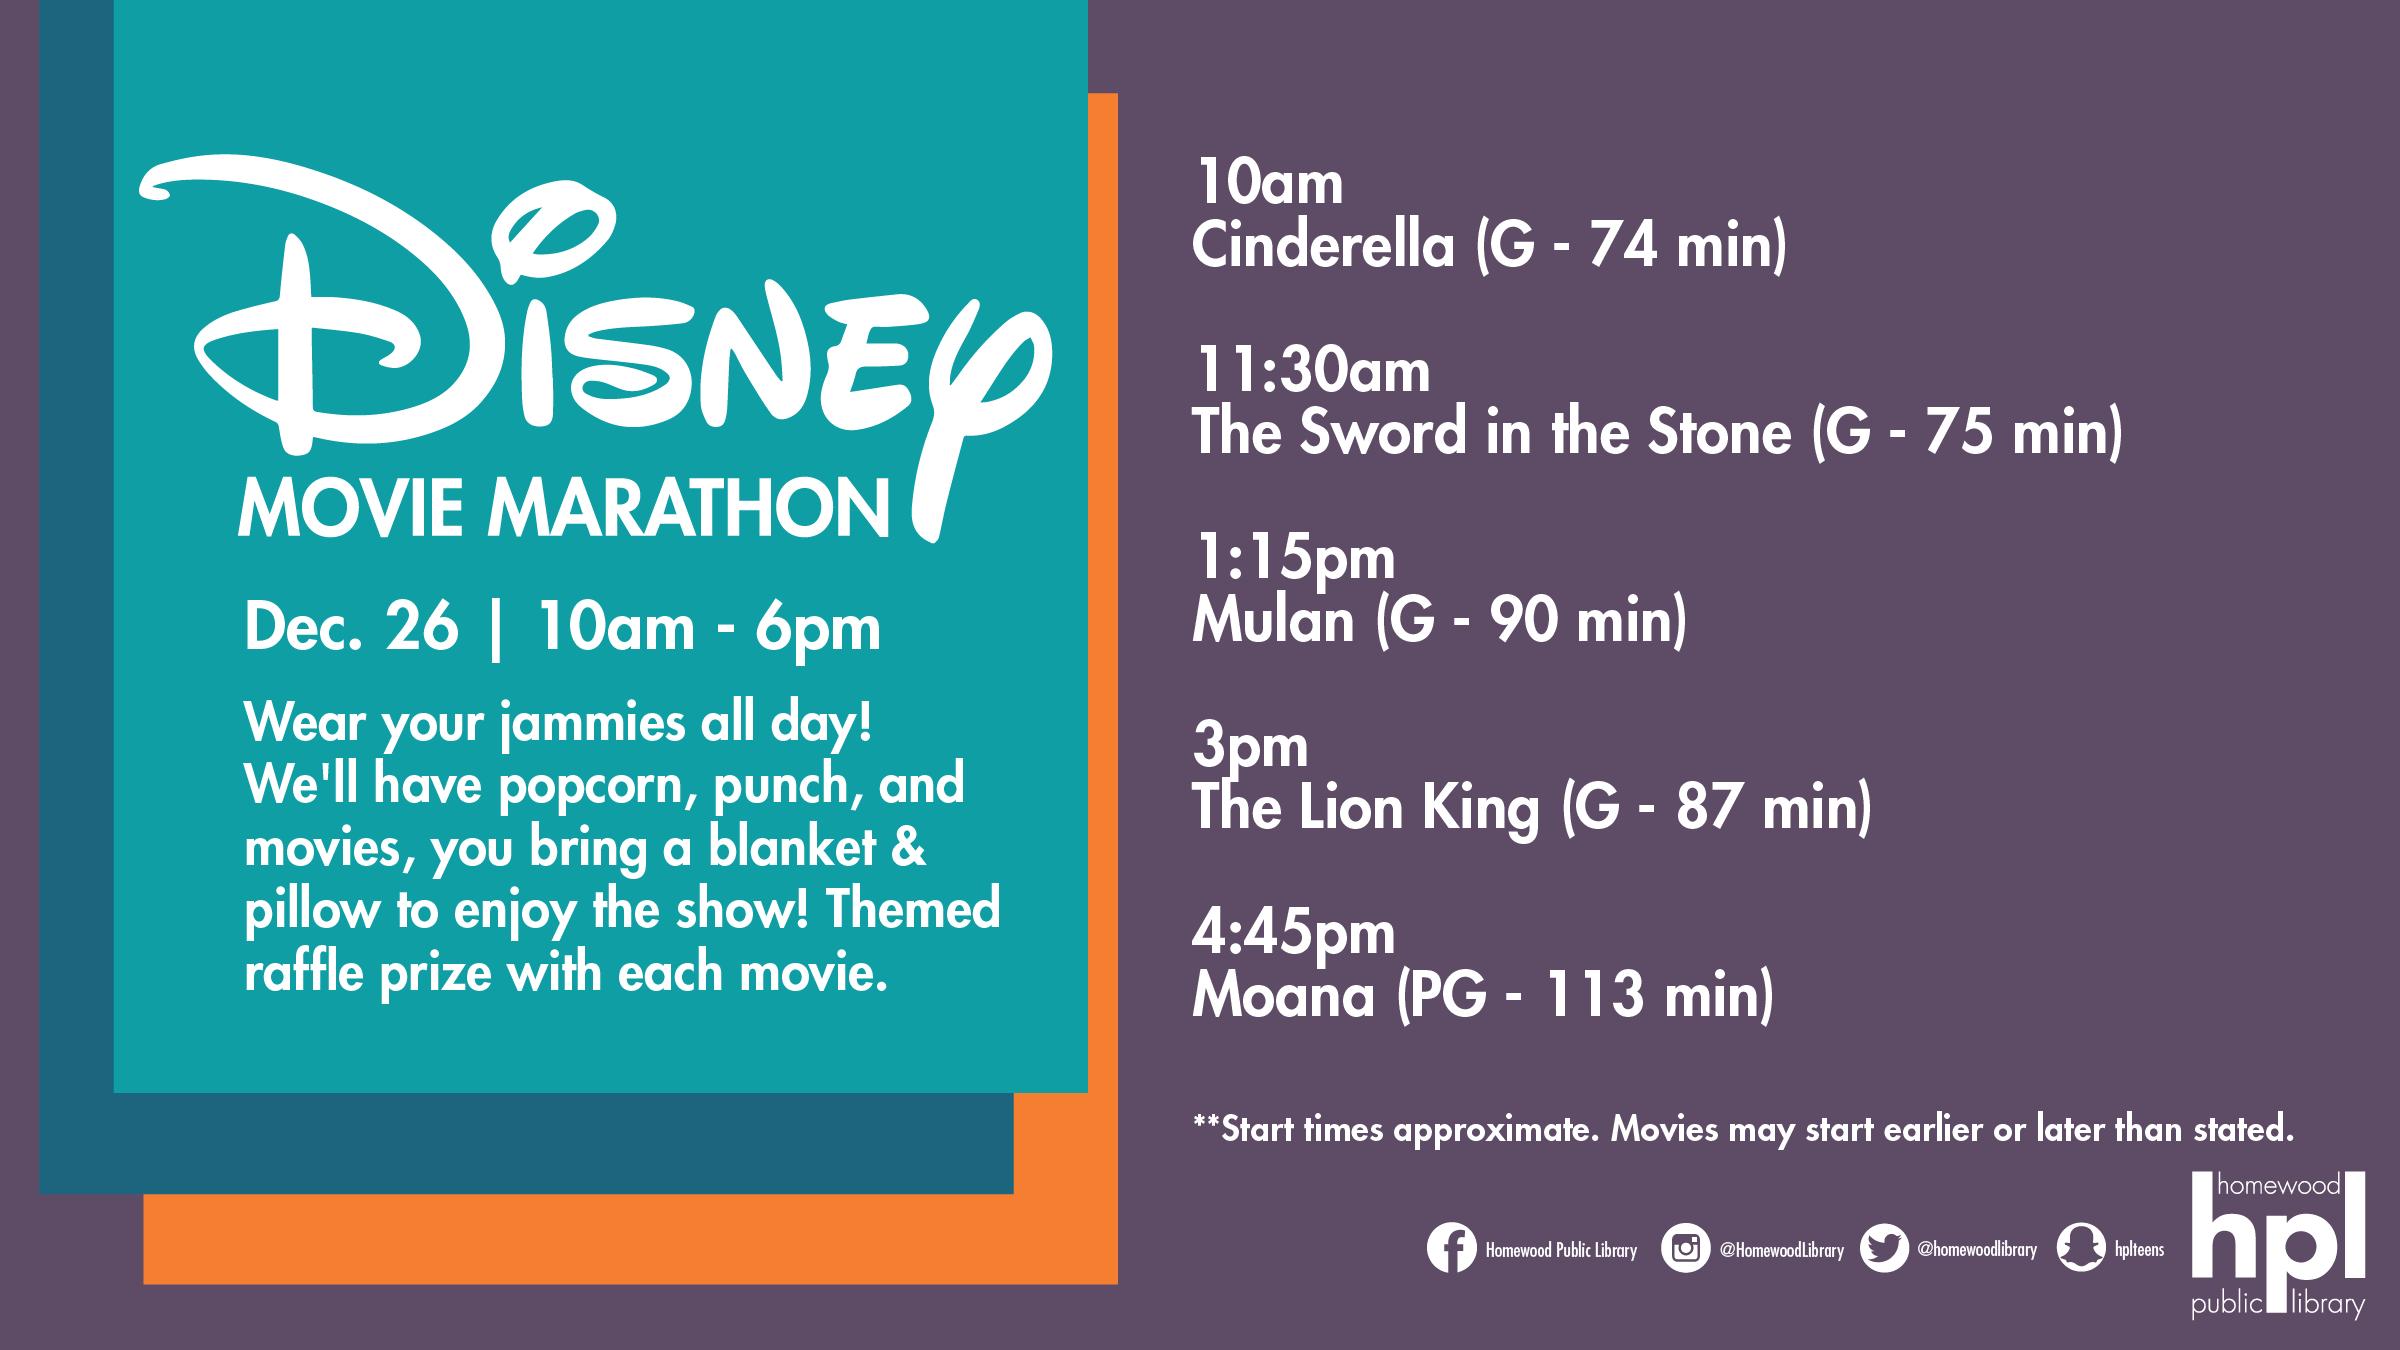 Disney Movie Marathon - Jammie Day! | Homewood Public Library